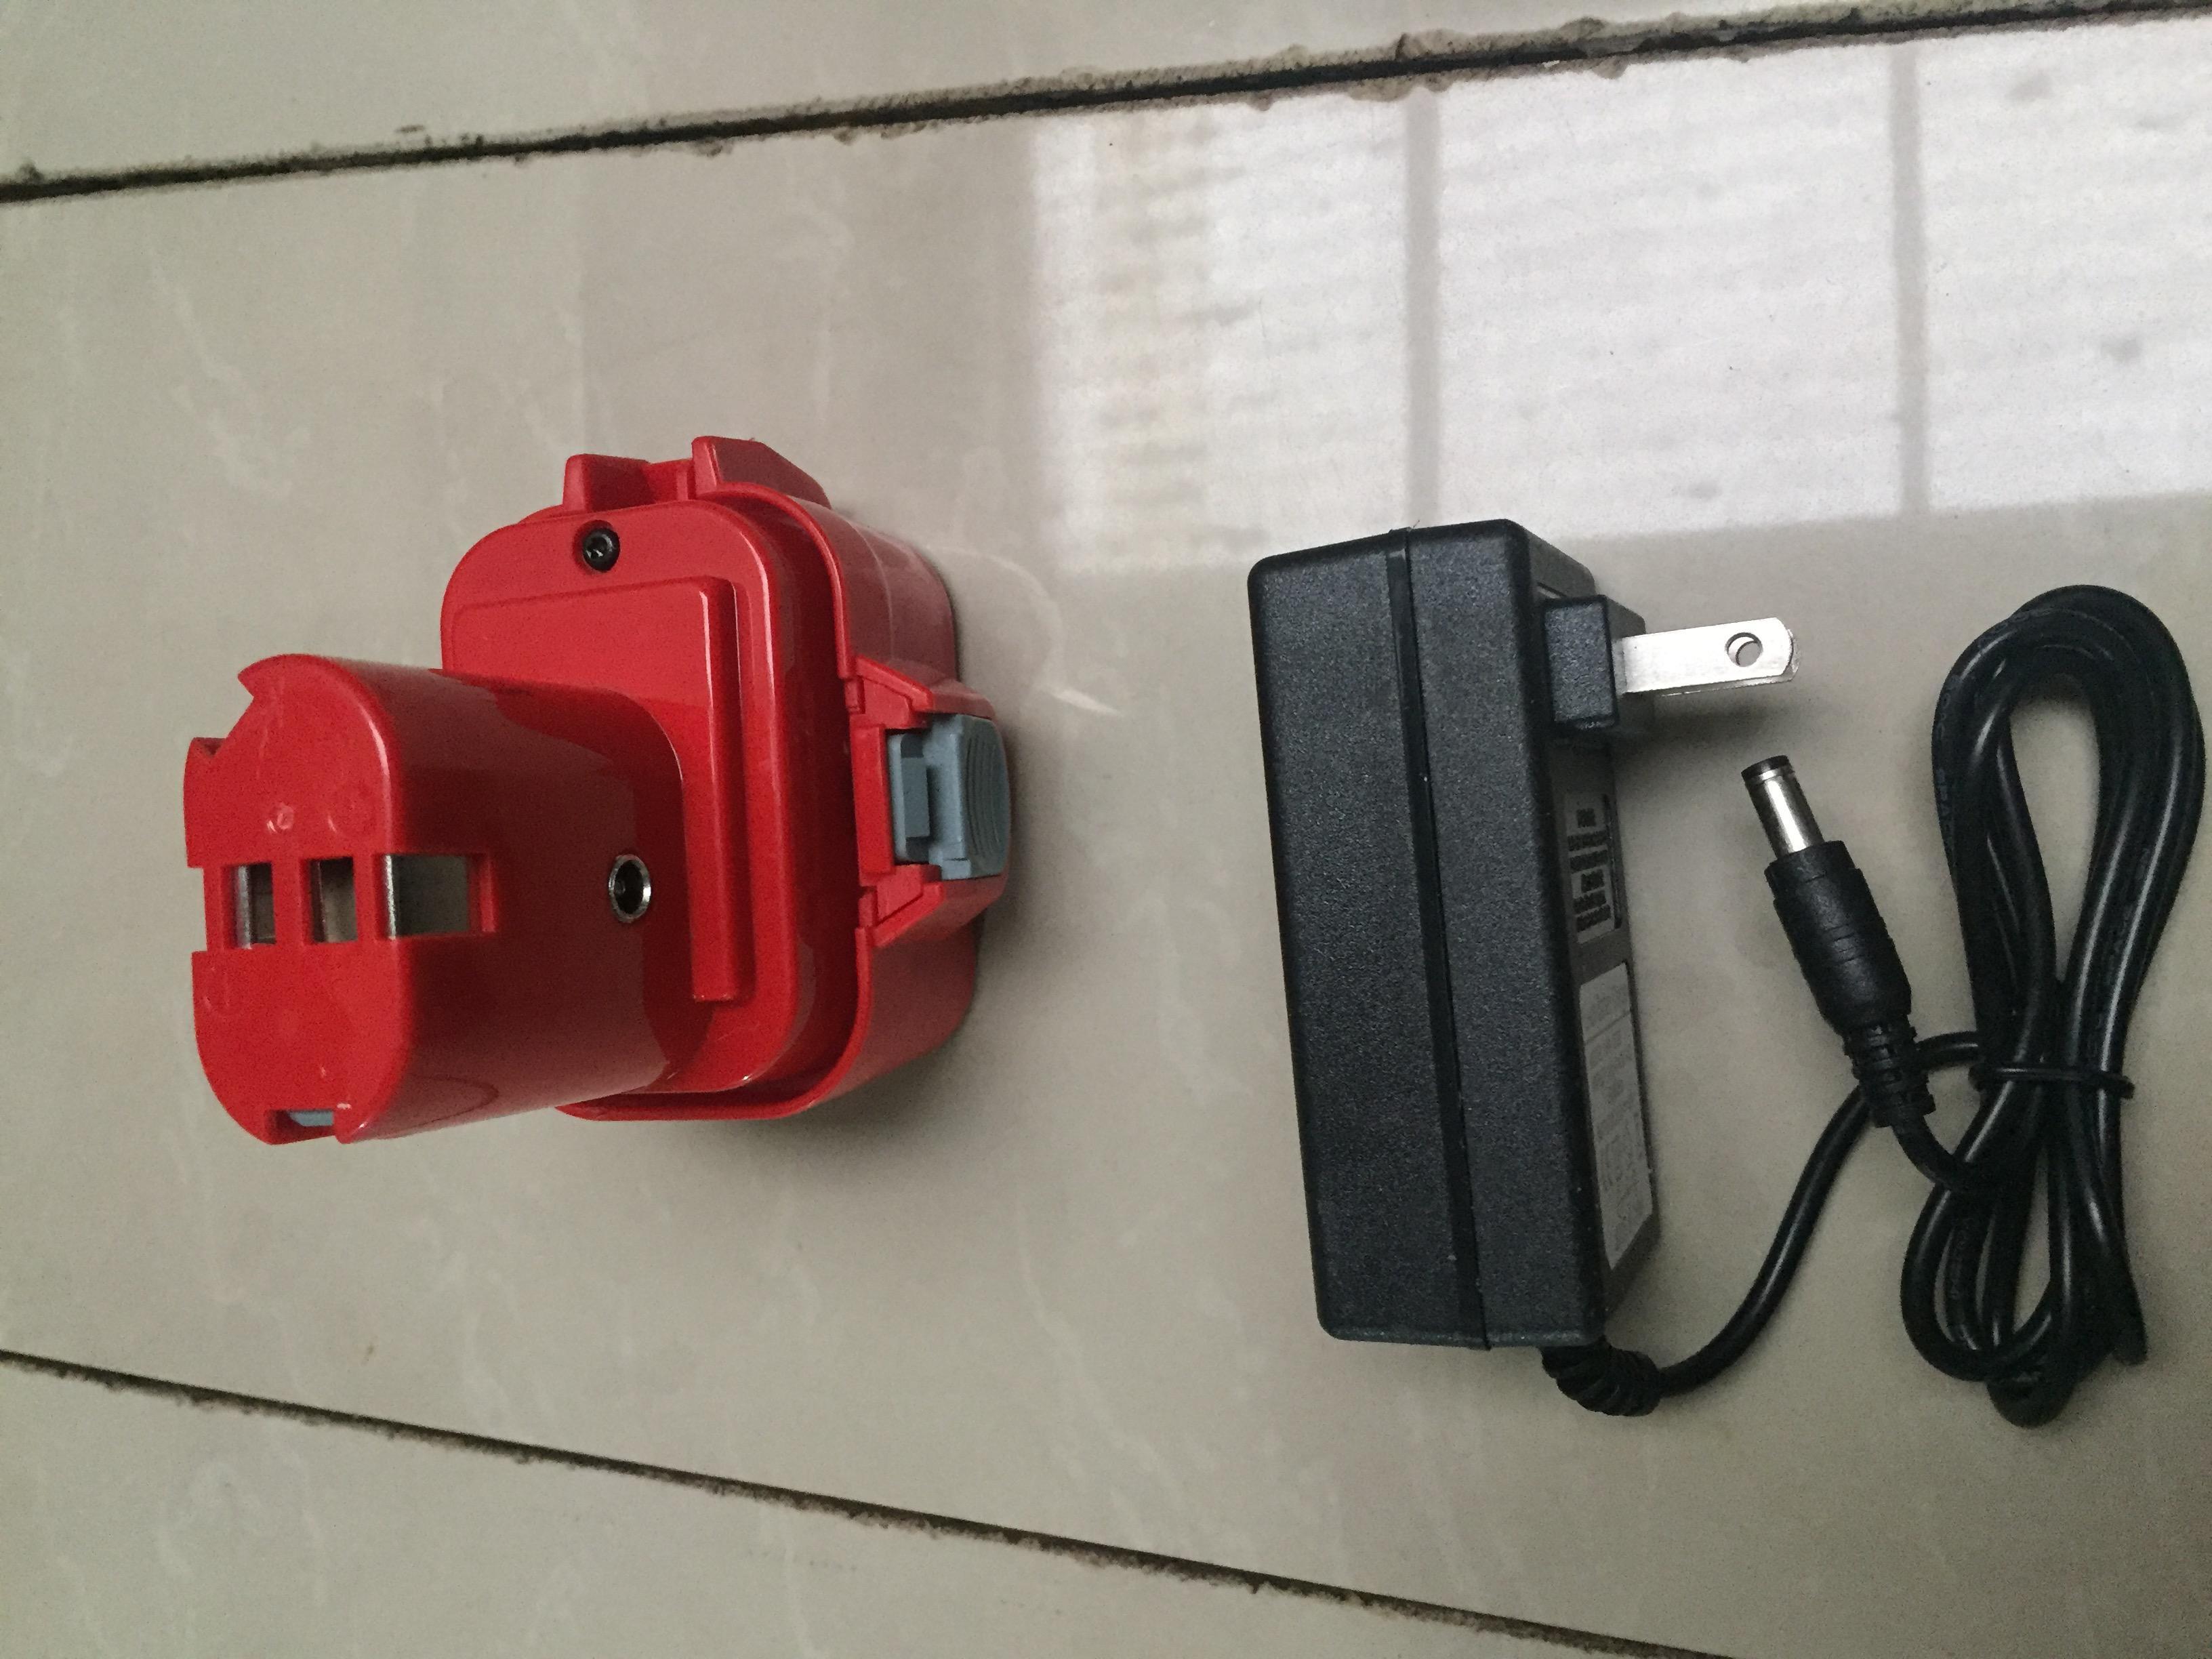 Pin Makita 9.6V 2.2A Được Làm Từ Pin TianlVN Mới